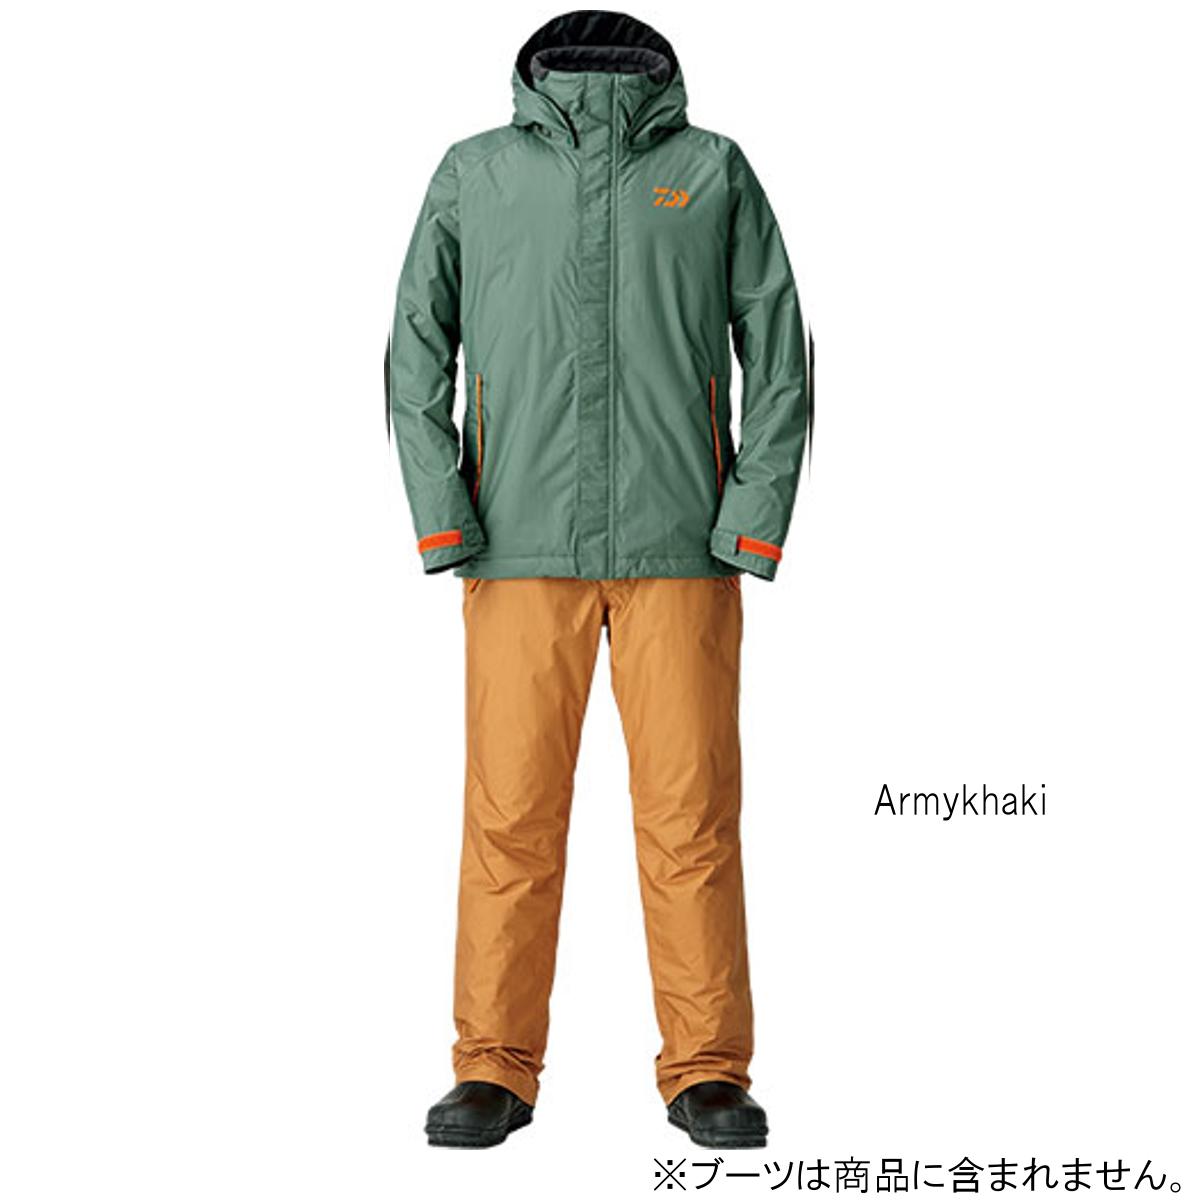 ダイワ レインマックス ウィンタースーツ DW-35008 M Armykhaki(東日本店)